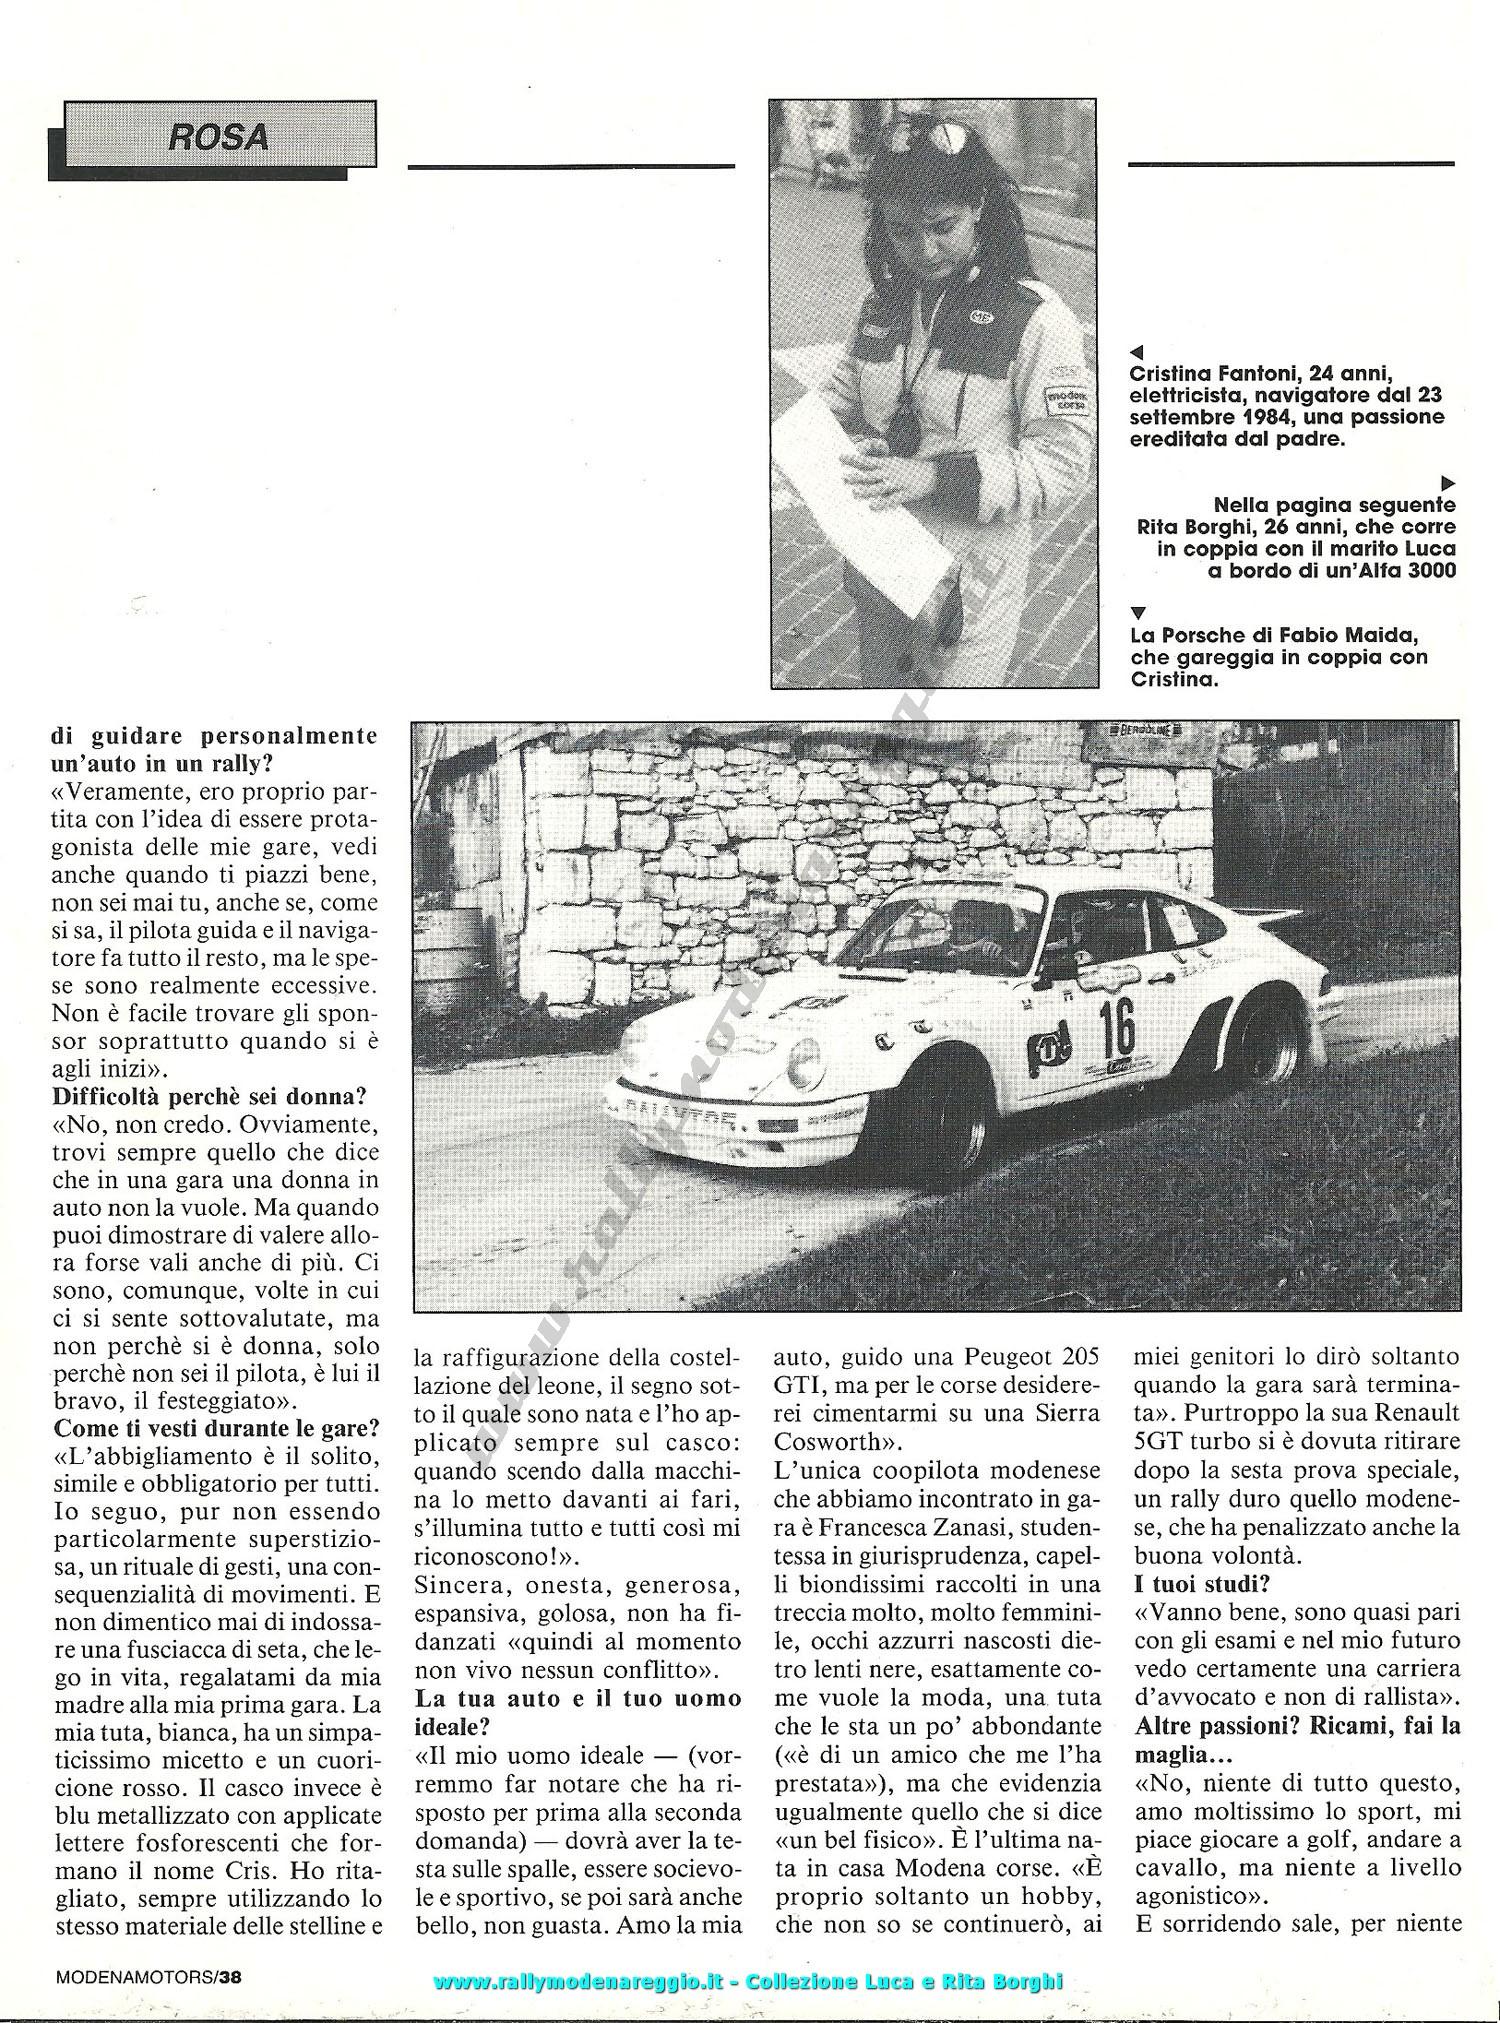 Modena motors c